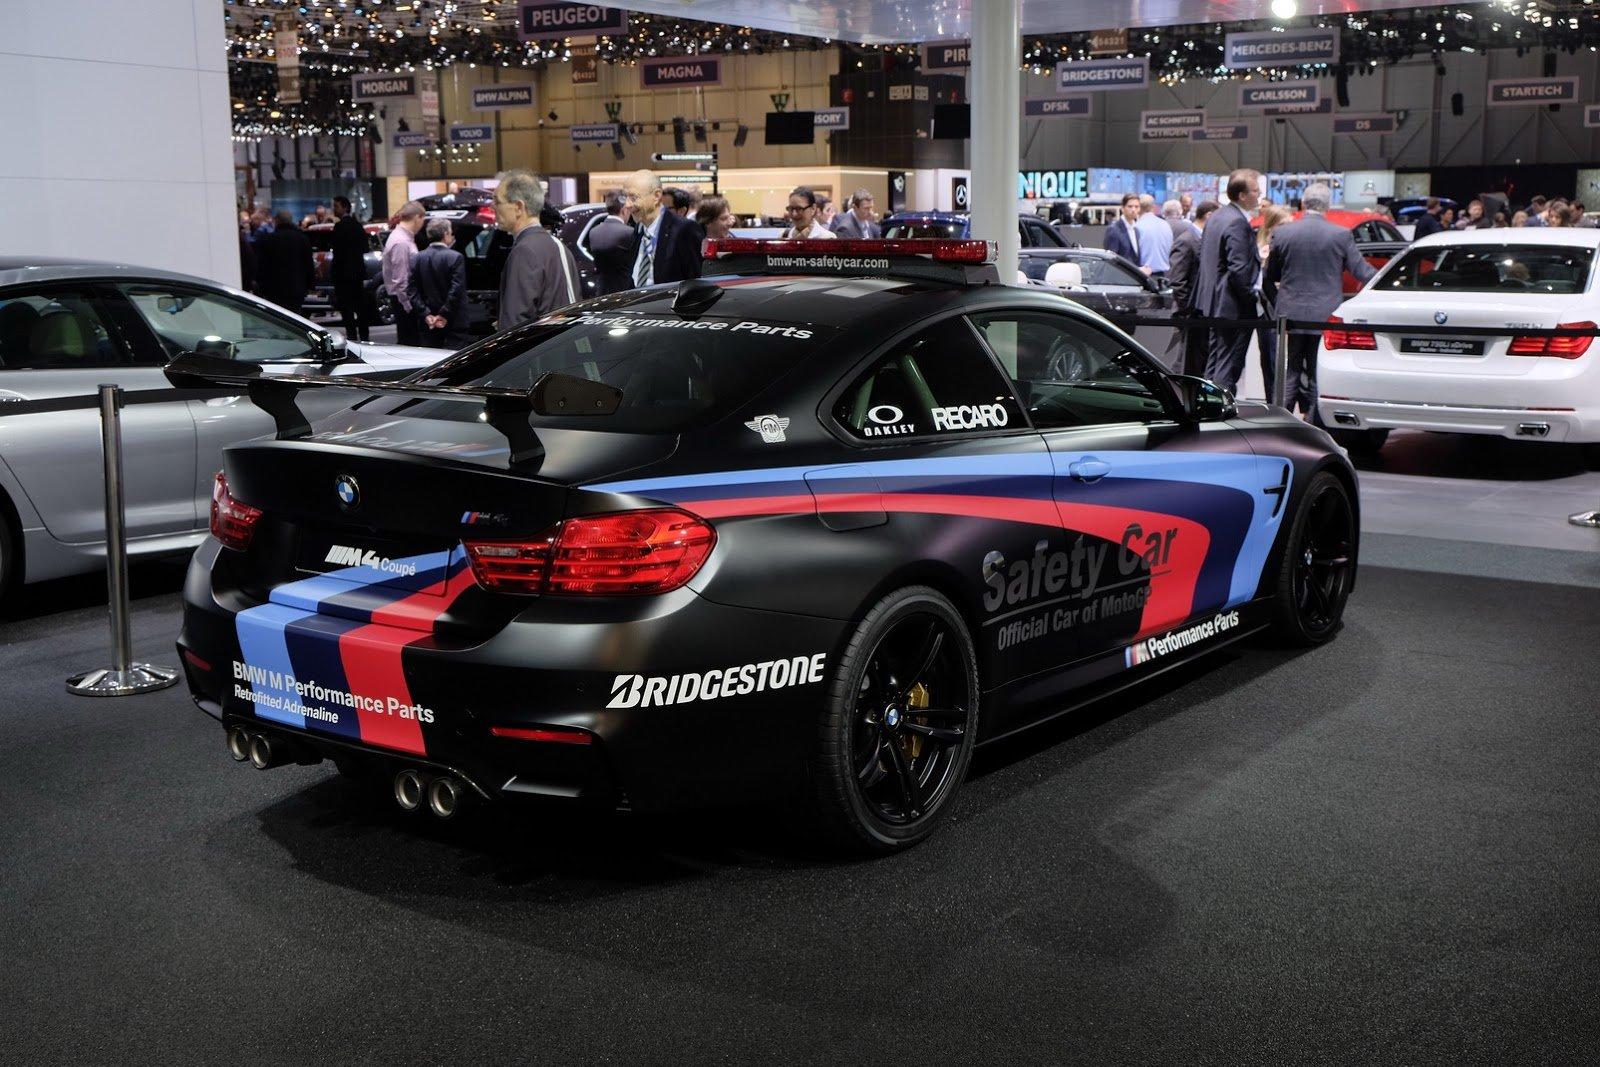 Cette BMW M4 MotoGP 2015, qui arborera une livrée noire frappée de